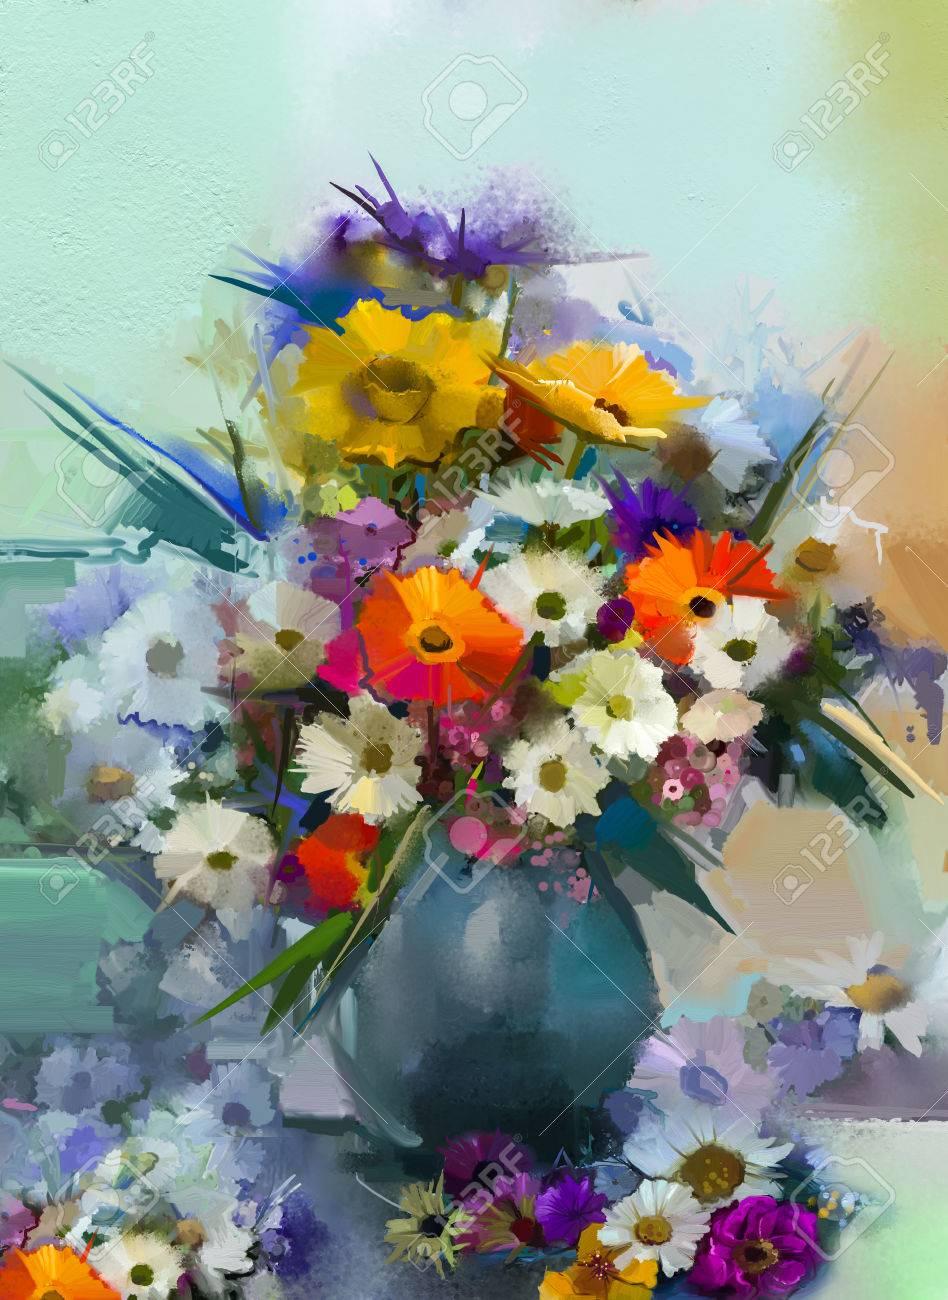 Très Vaso Con Fiori Foto Royalty Free, Immagini, Immagini E Archivi  XC67